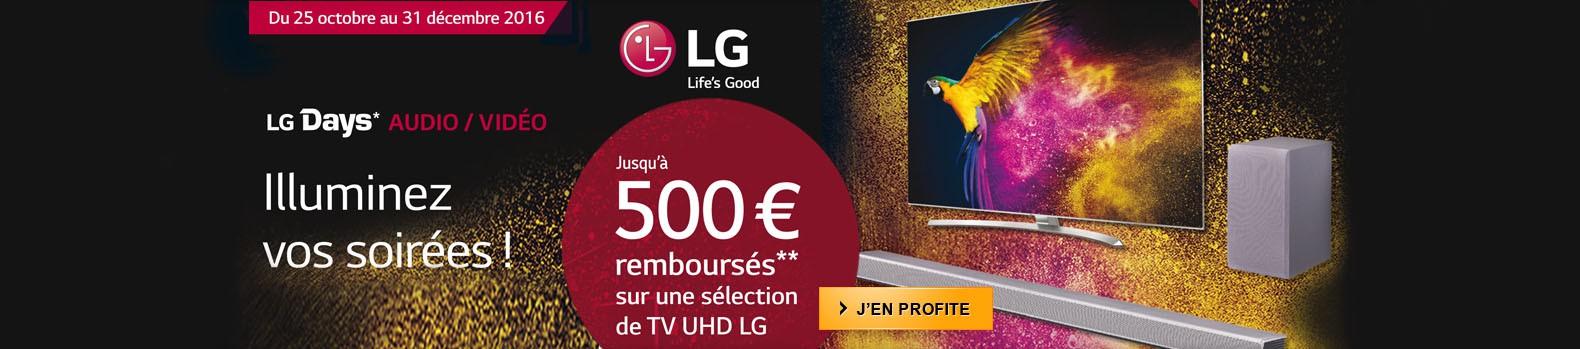 Jusqu'au 31 décembre, profitez d'un remboursement de LG pouvant aller jusqu'à 500€ pour l'achat d'un TV LED UHD